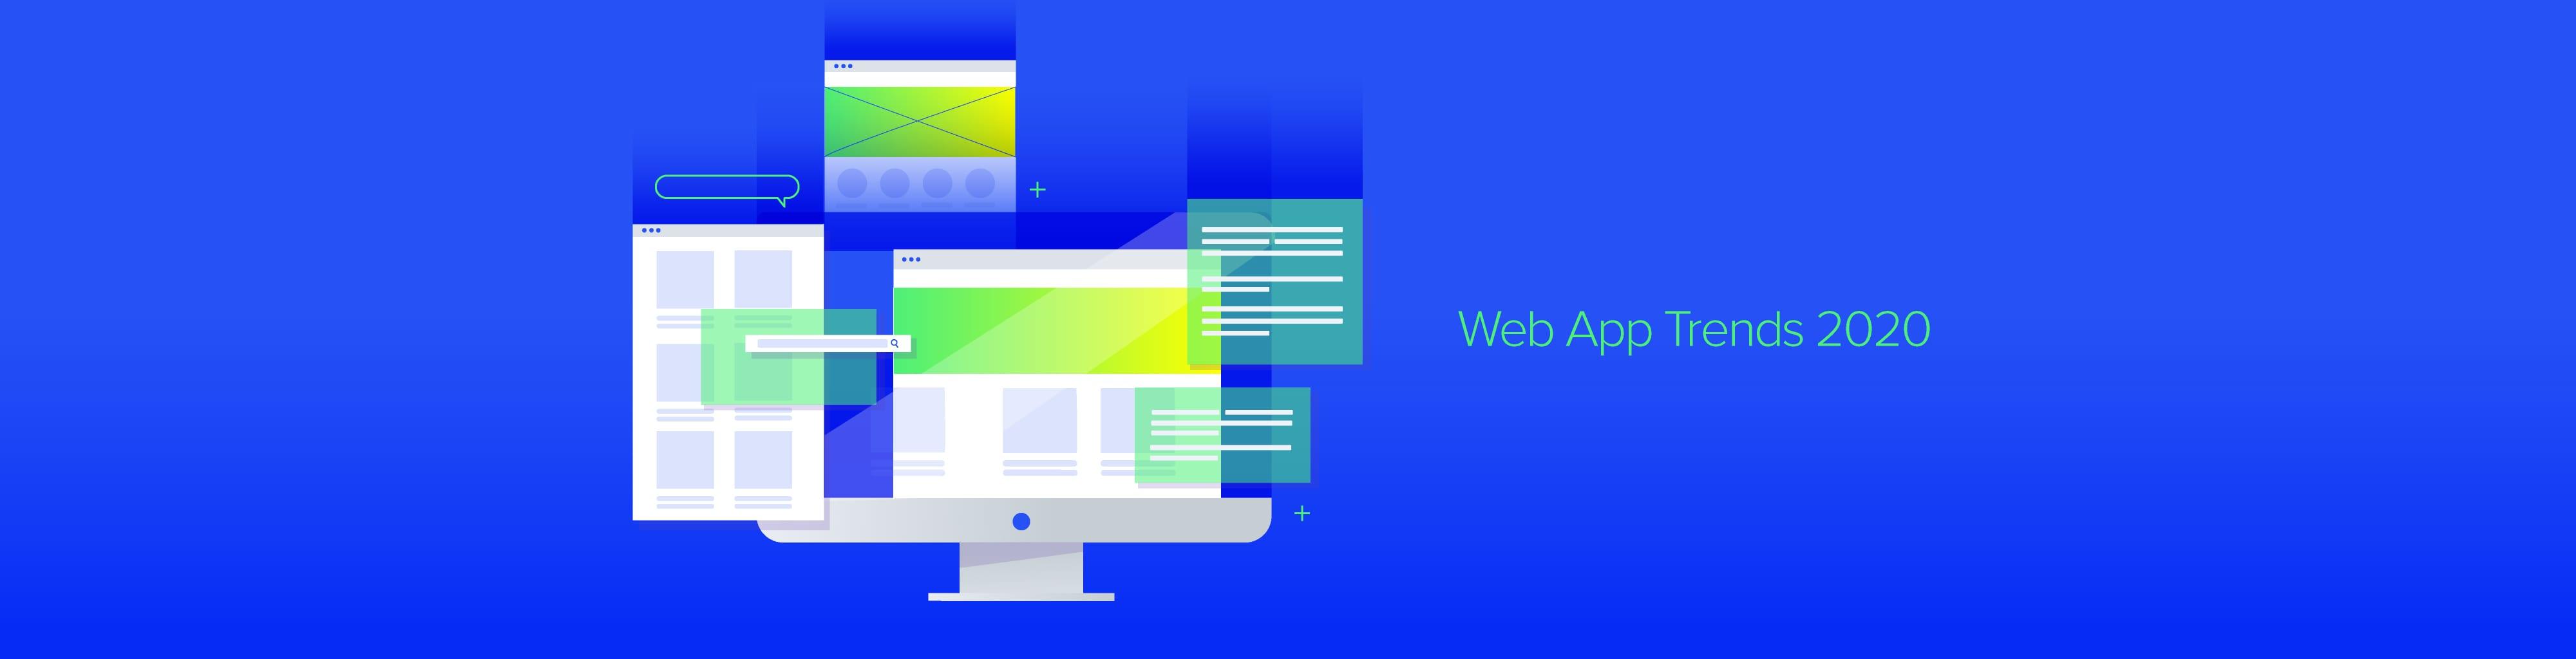 web-app-trends-2020